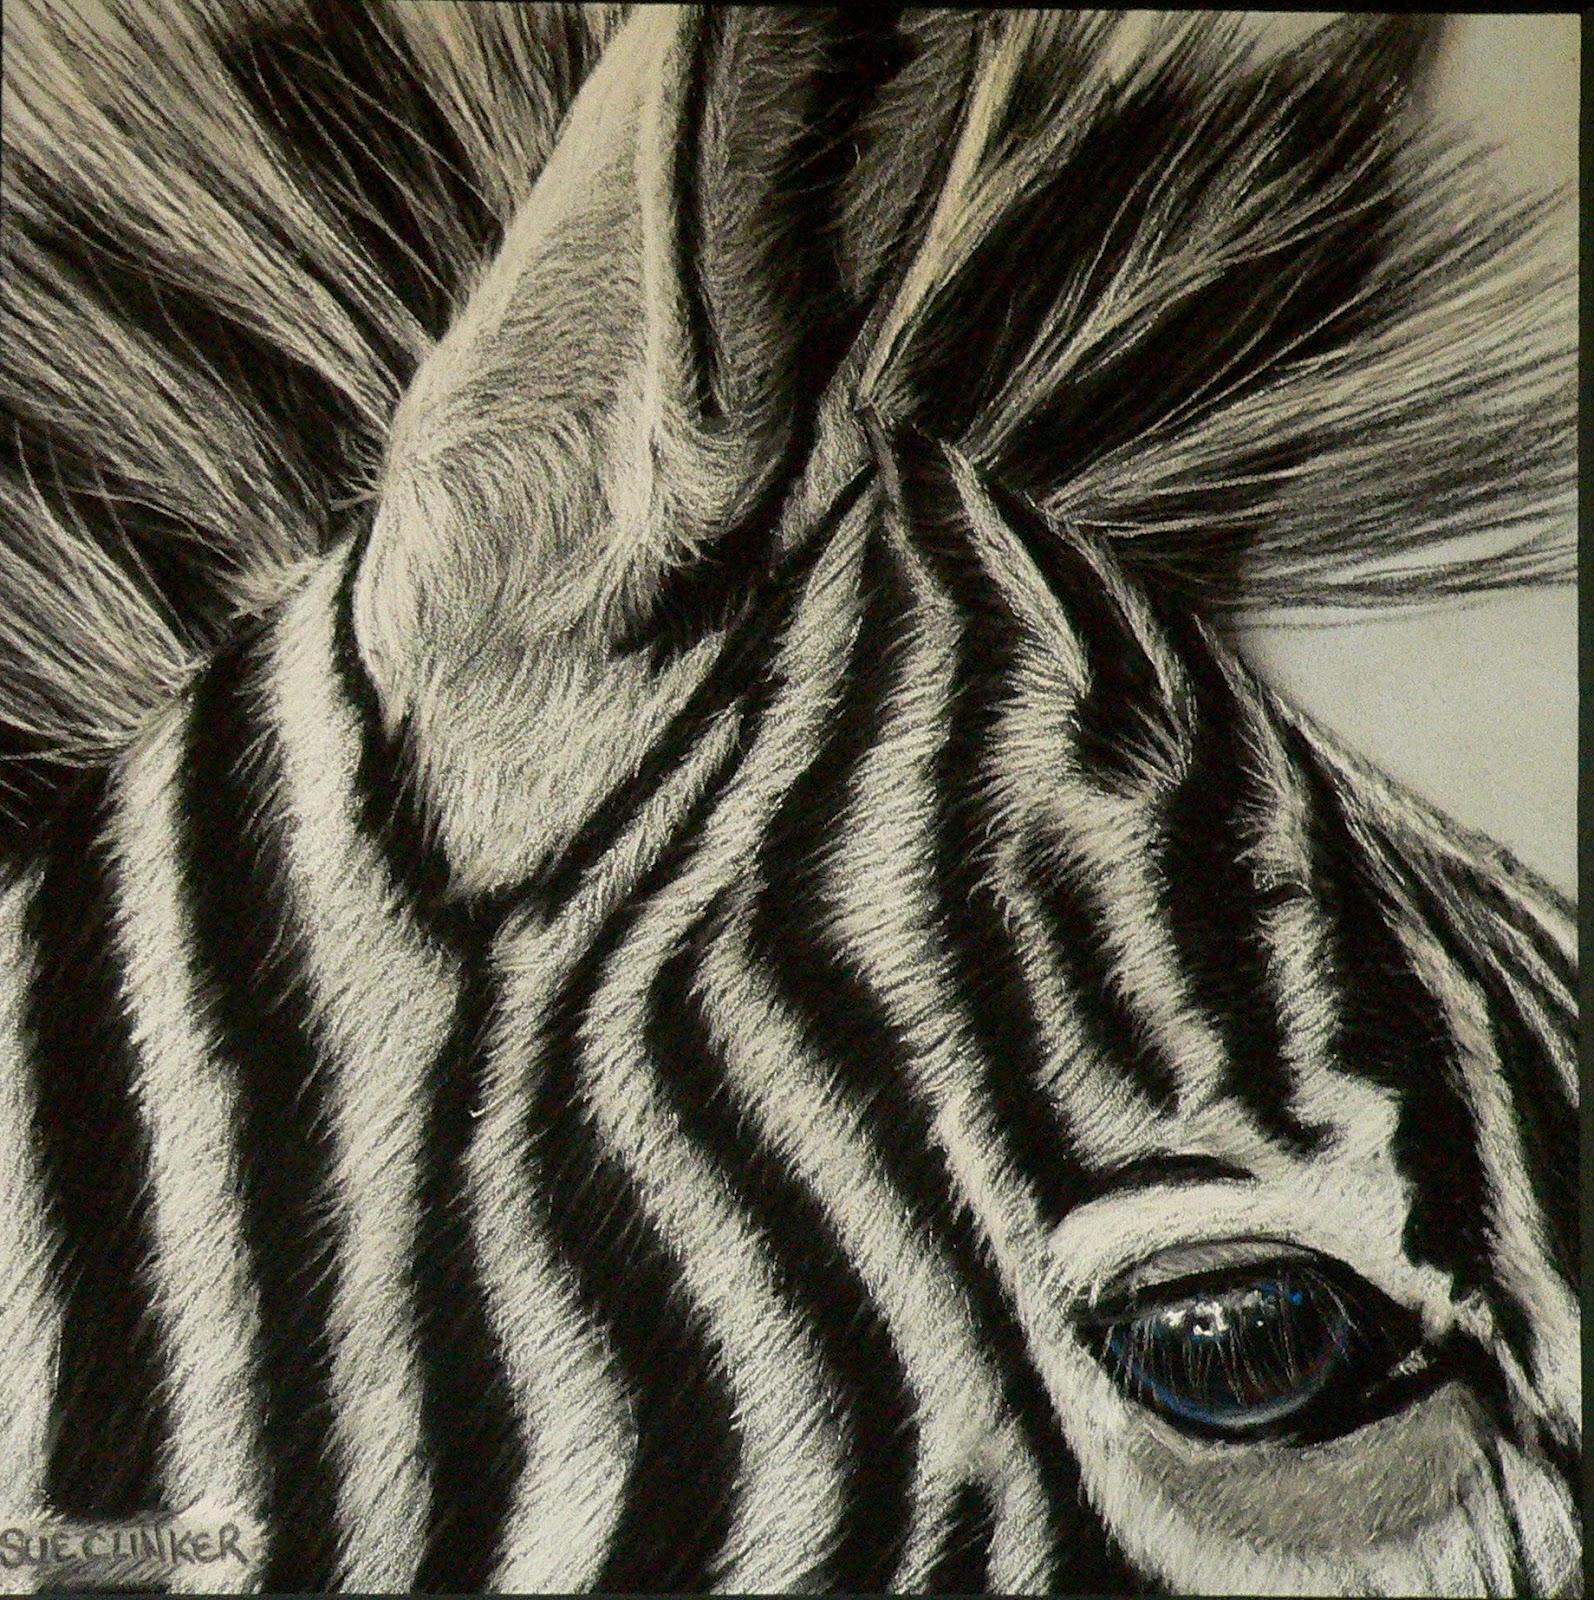 Pencilpix By Sue Clinker 05 03 I Ve Earned My Stripes